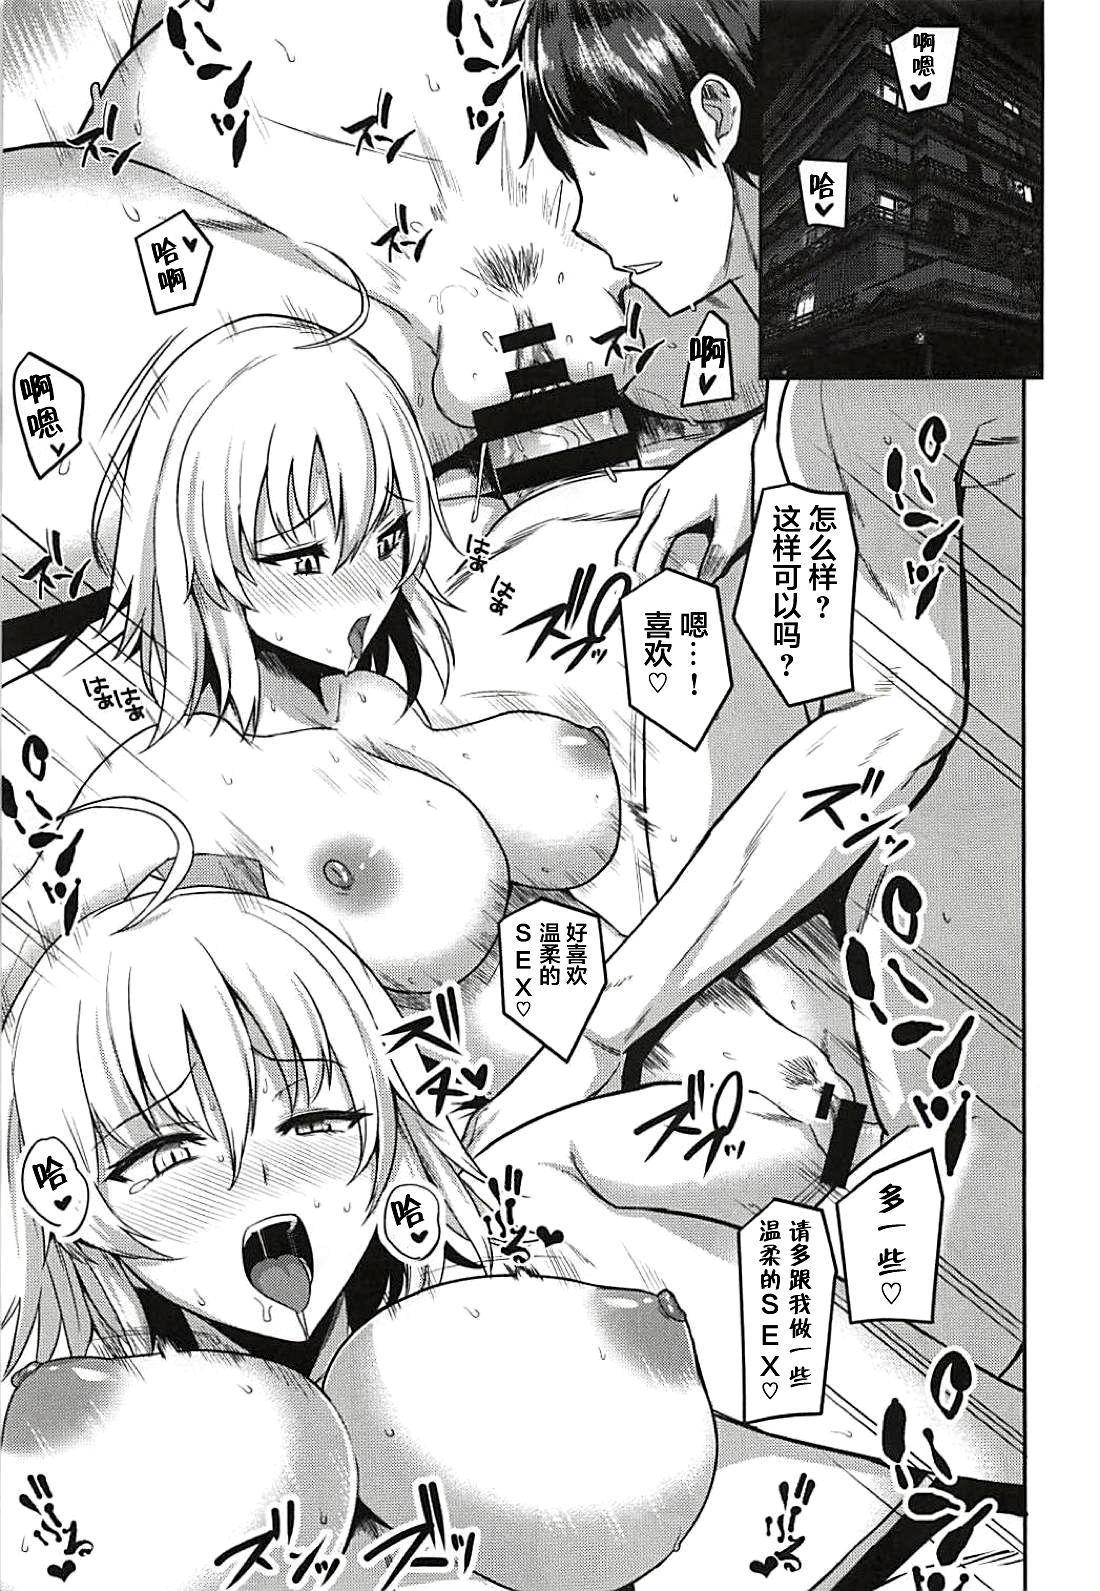 Jeanne to Ippaku Futsuka Ryokou Shitemita 22